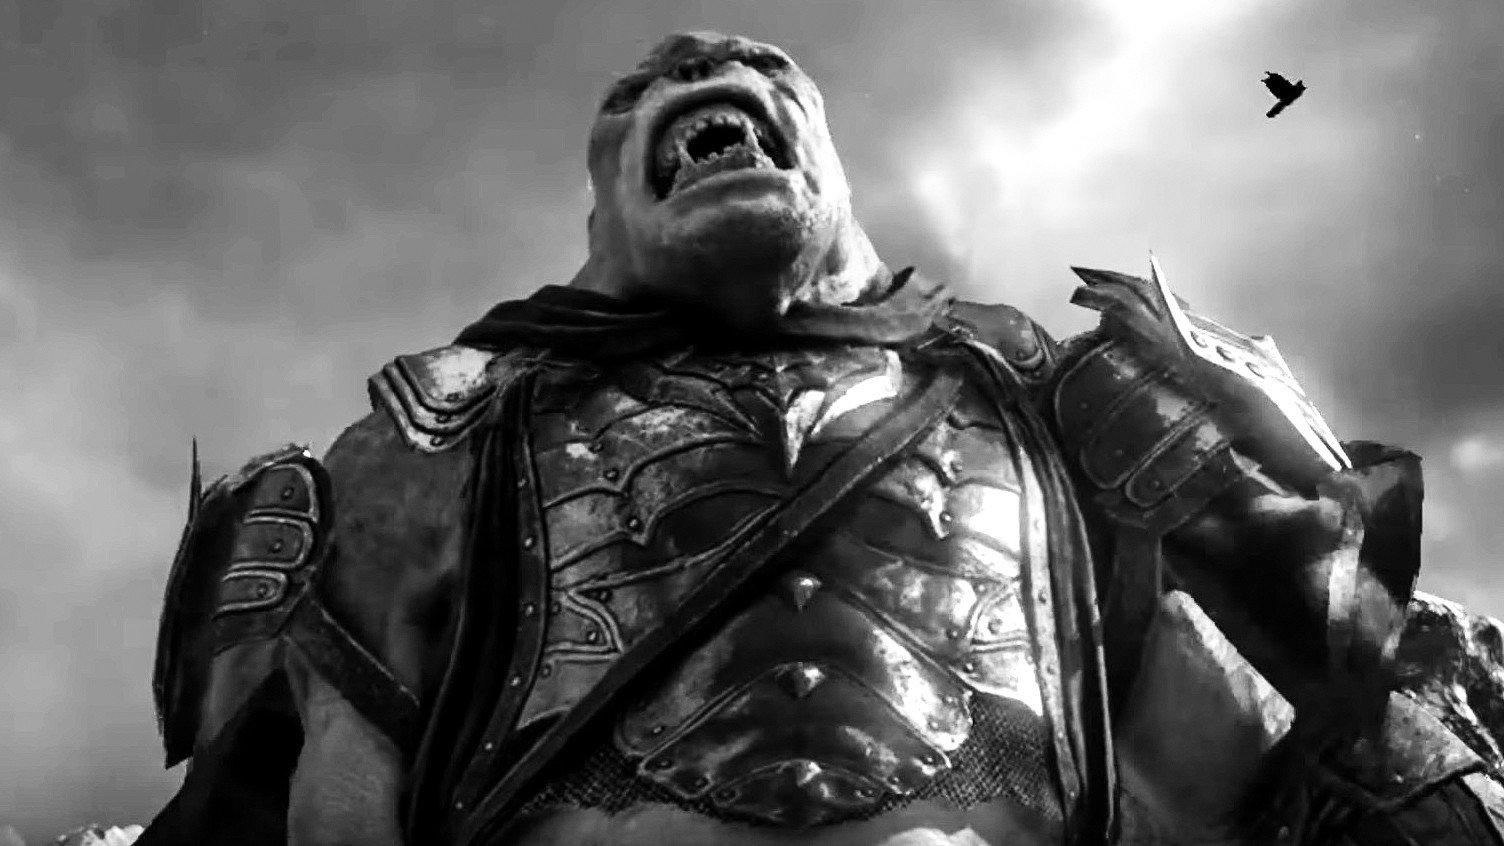 Sombras de Guerra brinda un homenaje a un personaje fallecido en su primer gameplay